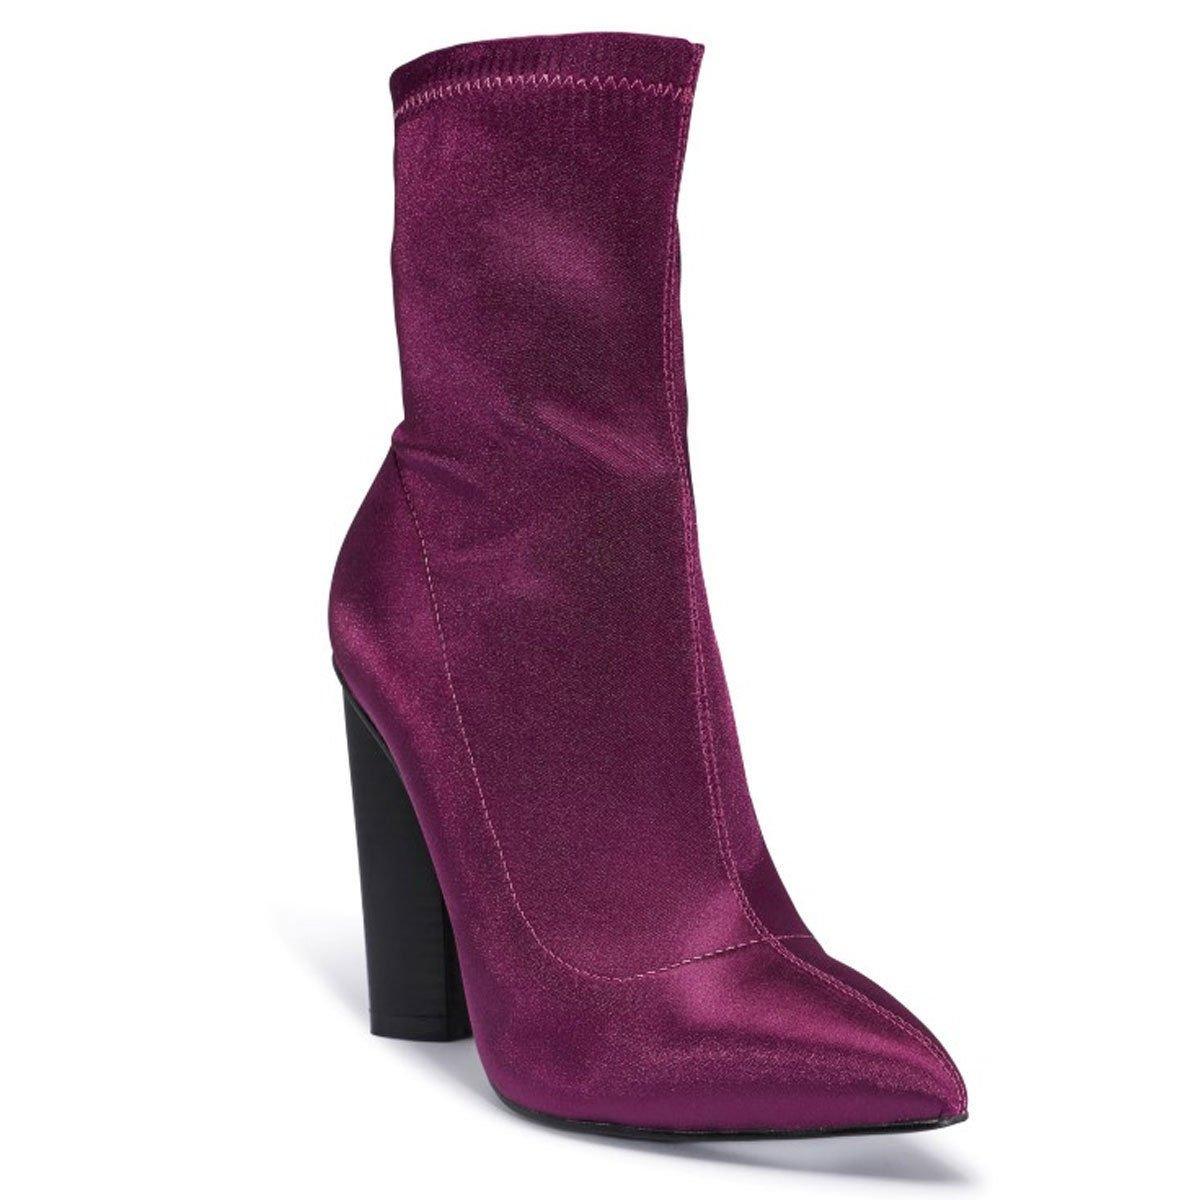 Shoesdays Damen Stiefel & Stiefeletten Schwarz Schwarz 35.5, Schwarz - Violett - Größe: 39